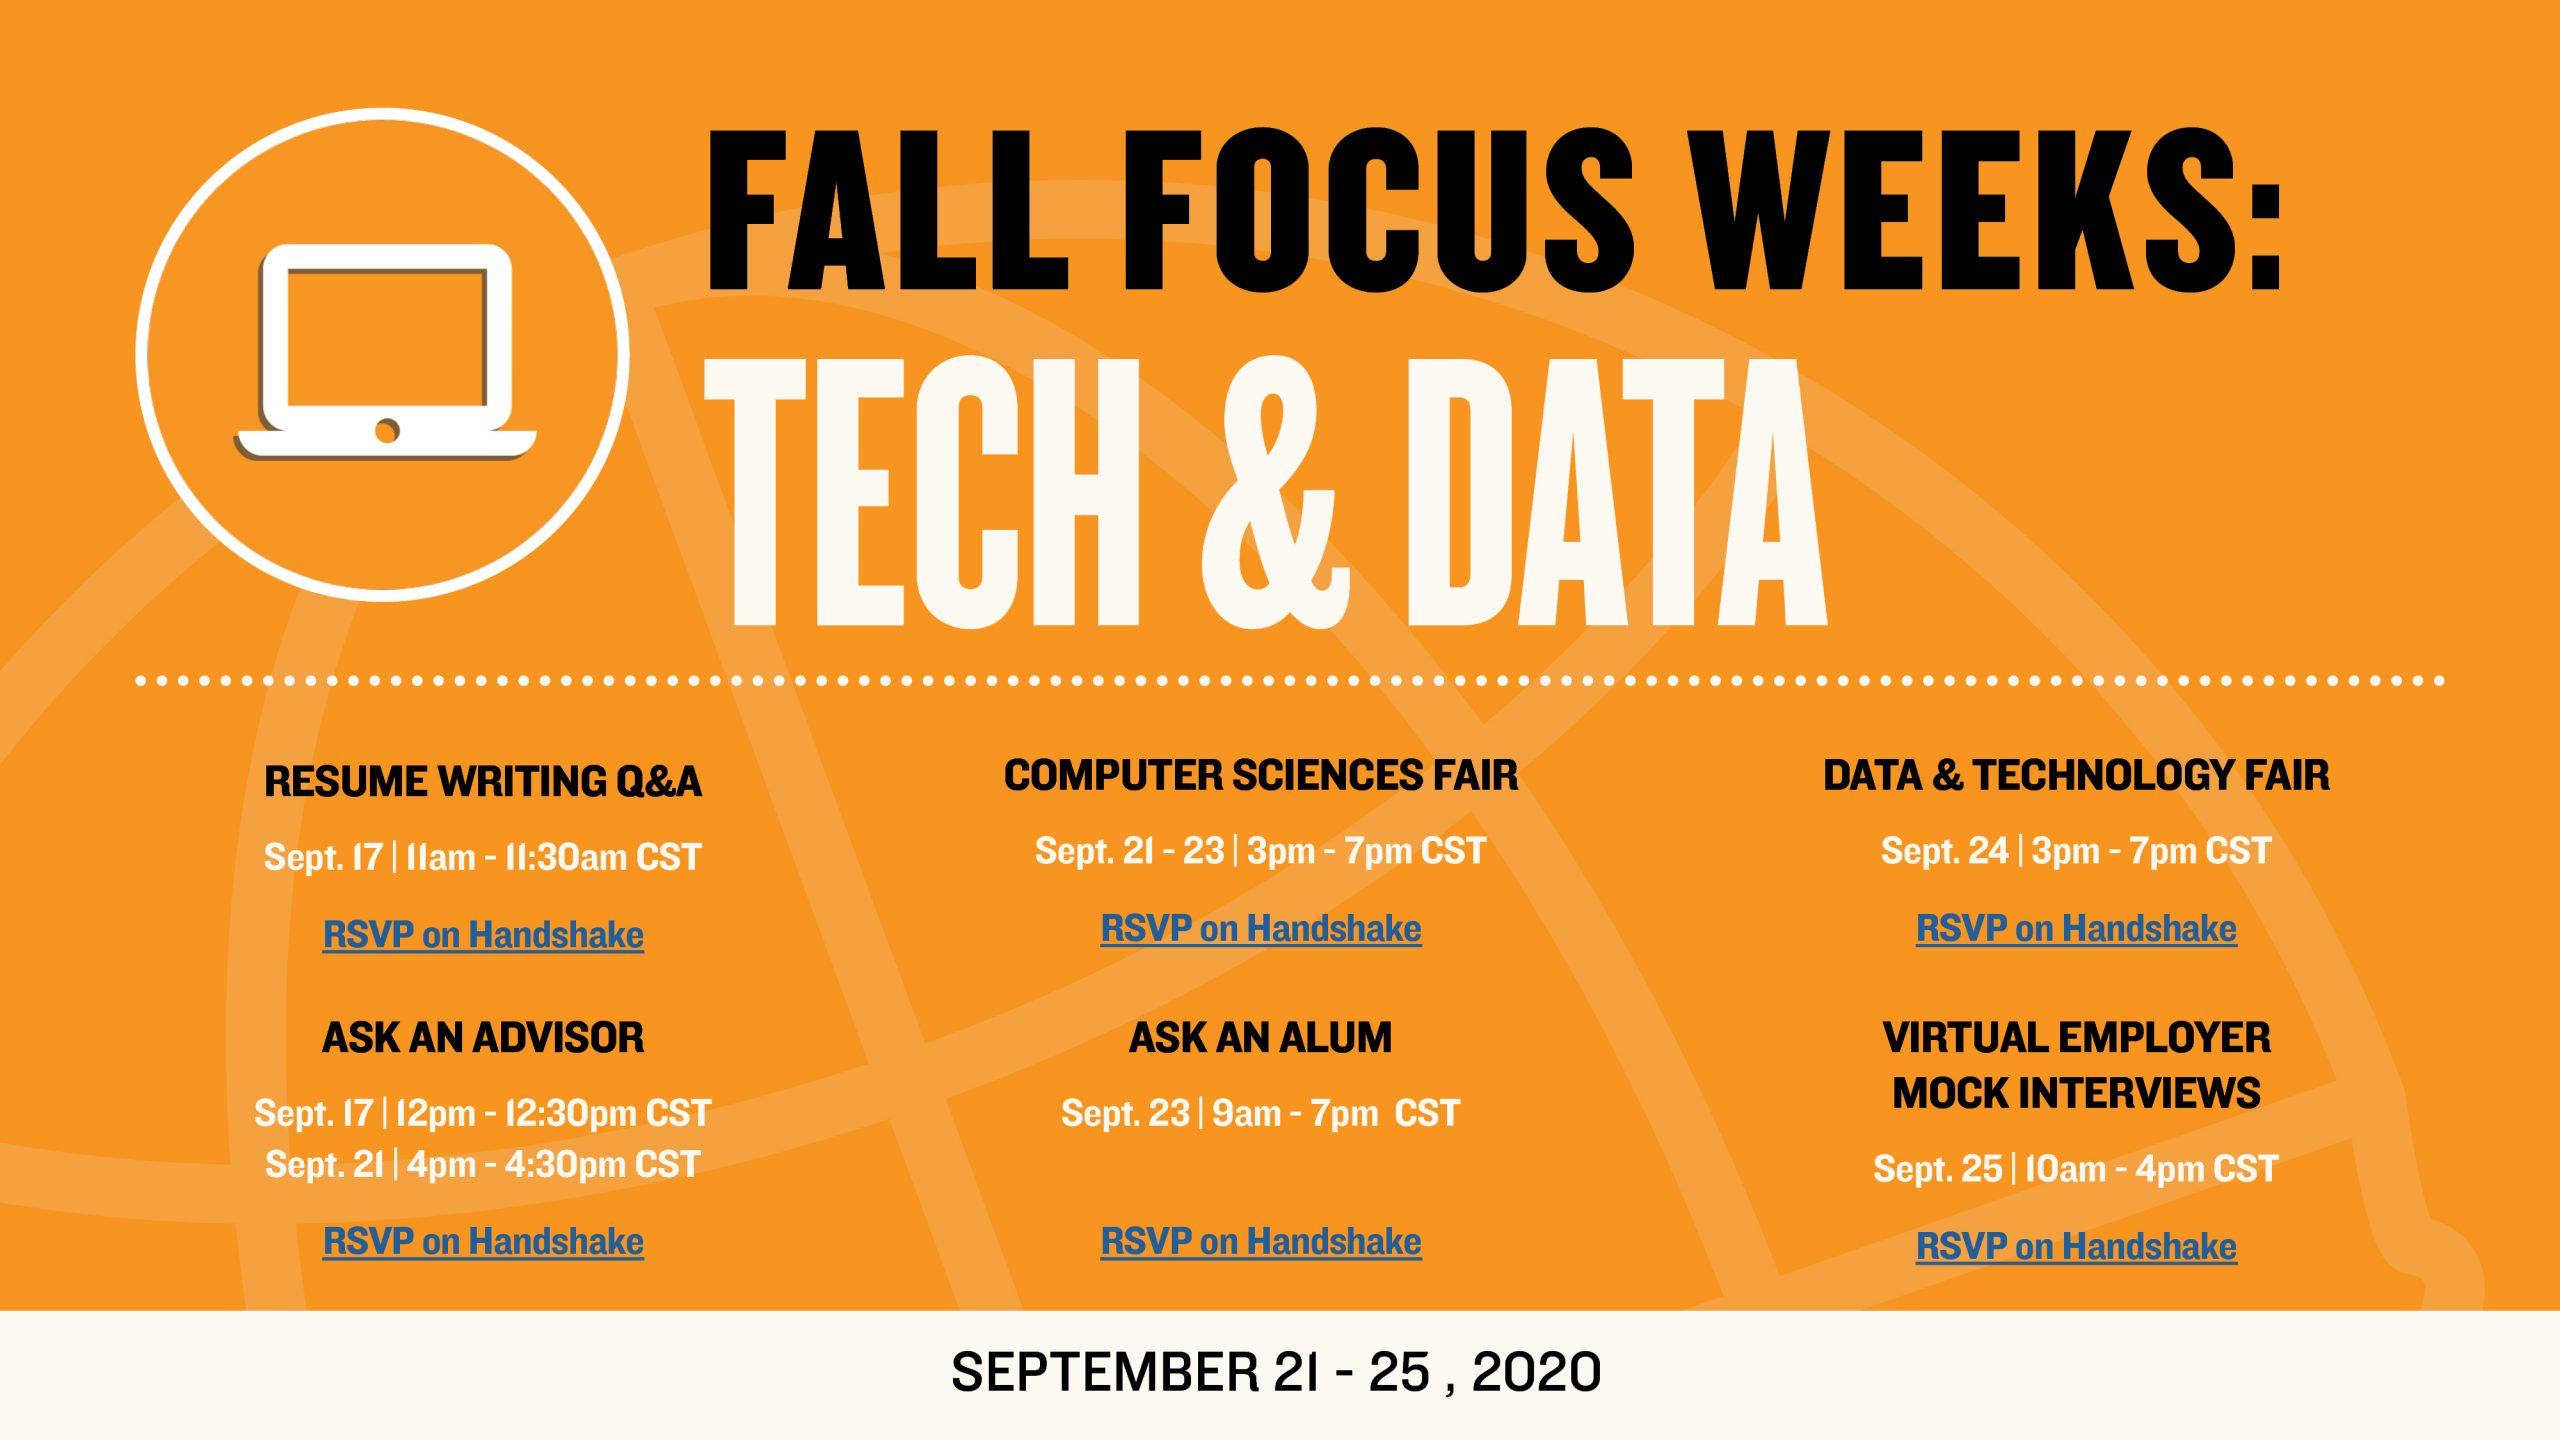 Tech & Data Week